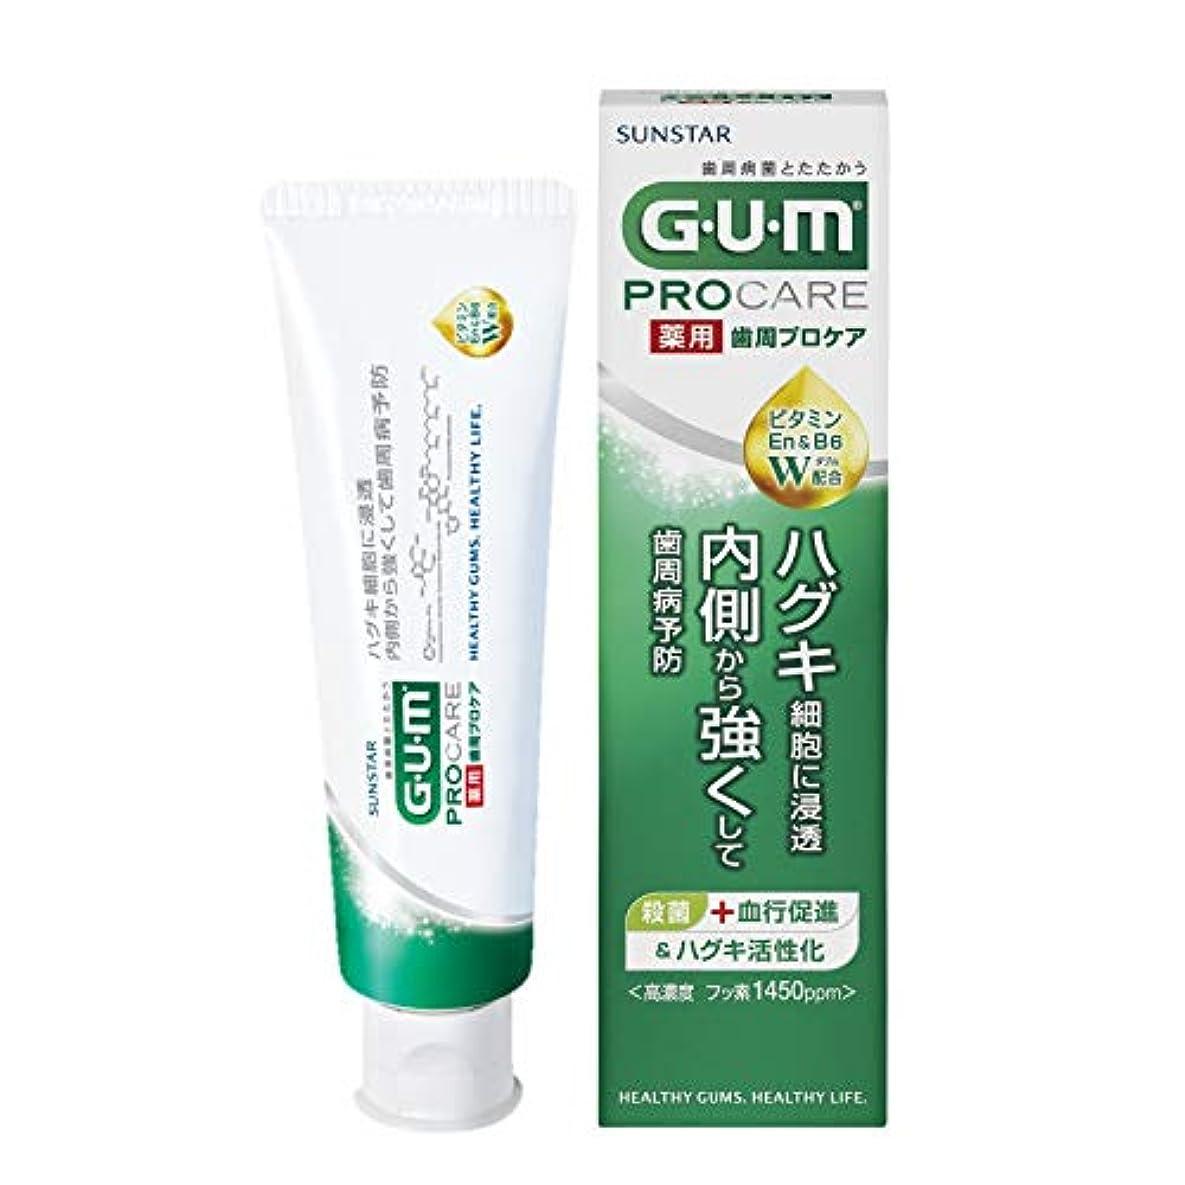 つかいますコミュニティ荒野[医薬部外品] GUM(ガム) 歯周プロケア 歯みがき 90g <歯周病予防 ハグキケア 高濃度フッ素配合 1450ppm>